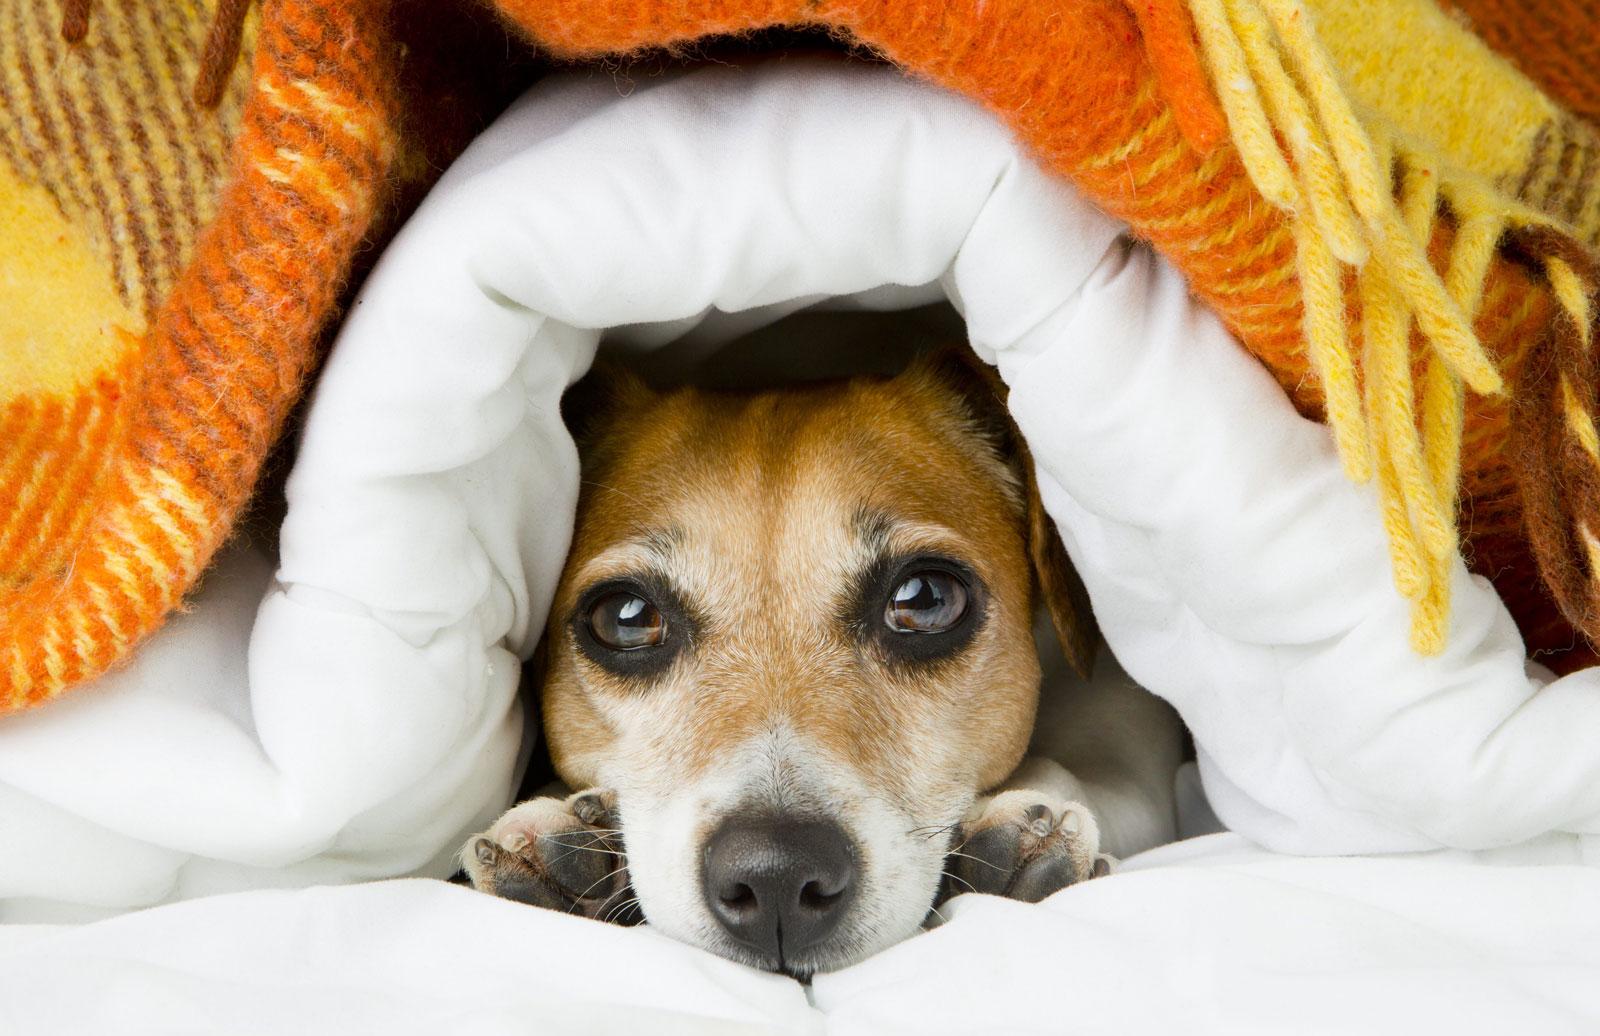 nervous-dog-under-blanket-anxiety.jpg